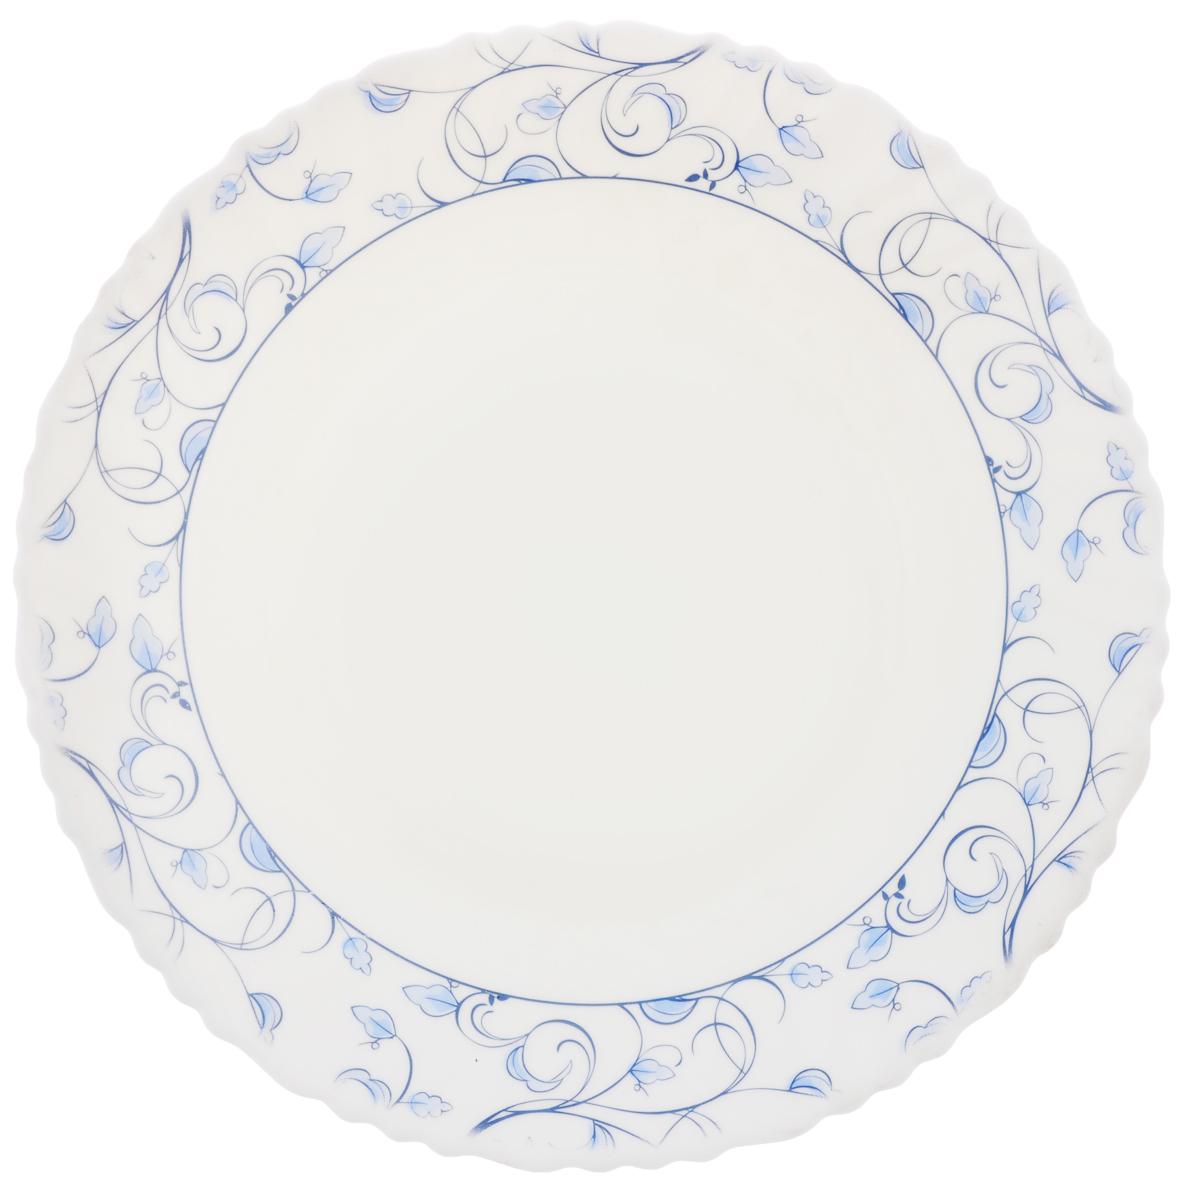 Тарелка десертная Chinbull Нормандия, диаметр 19 смOLHP-75/310Тарелка десертная Chinbull Нормандия, выполненная из высококачественной стеклокерамики, декорирована изображением листьев. Изящный дизайн придется по вкусу и ценителям классики, и тем, кто предпочитает утонченность. Тарелка Chinbull идеально подойдет для сервировки стола и станет отличным подарком к любому празднику.Диаметр тарелки (по верхнему краю): 19 см.Высота стенки: 2 см.